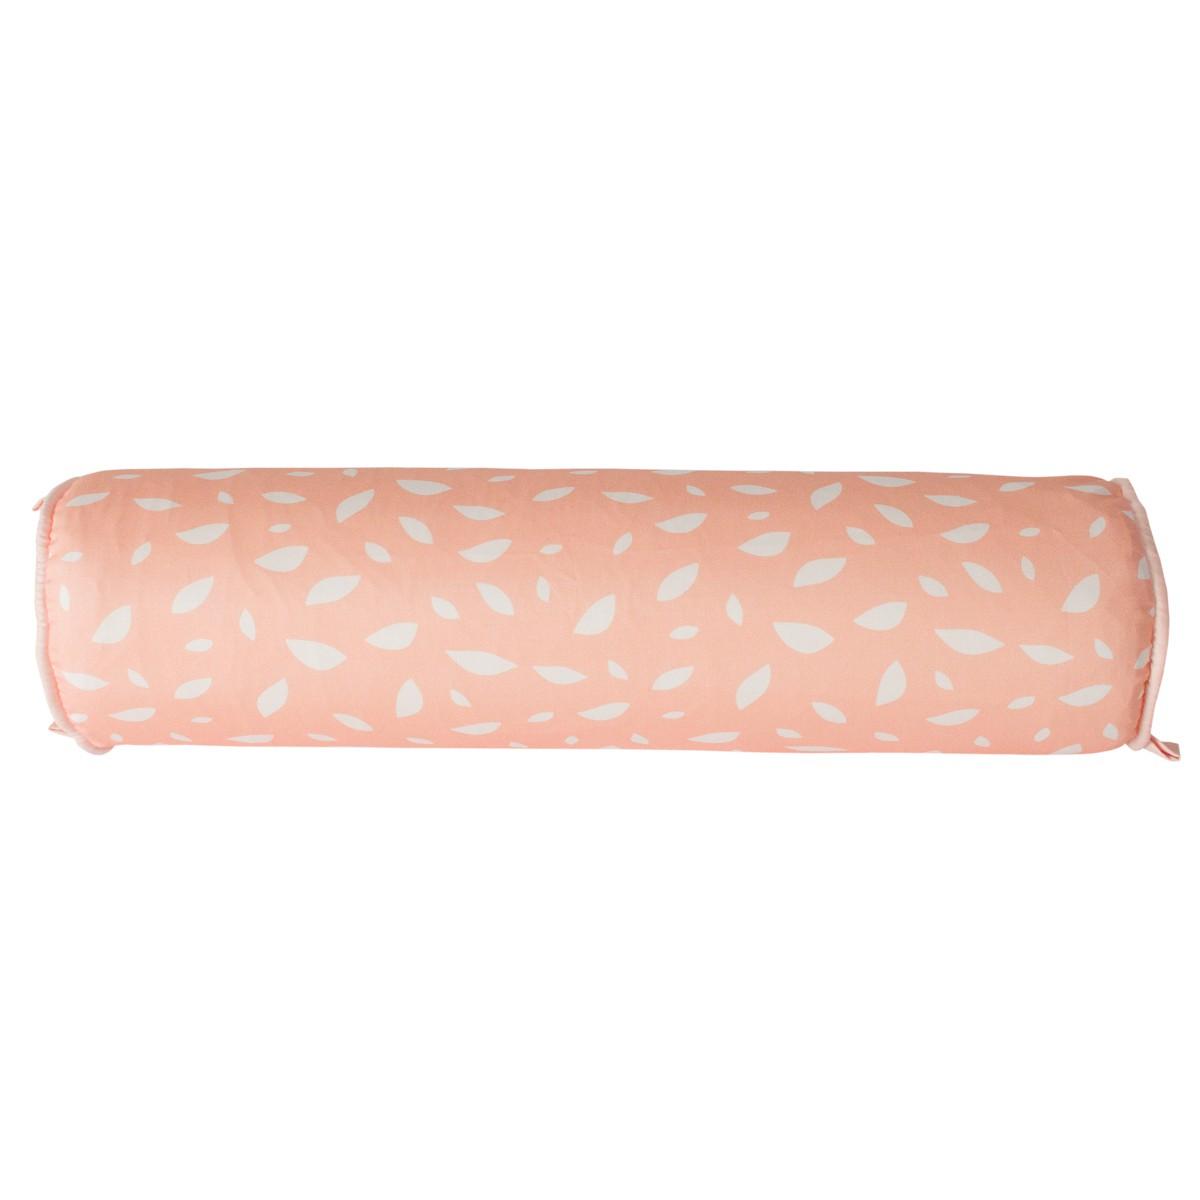 Rolo para cama 90 cm folhas salmão